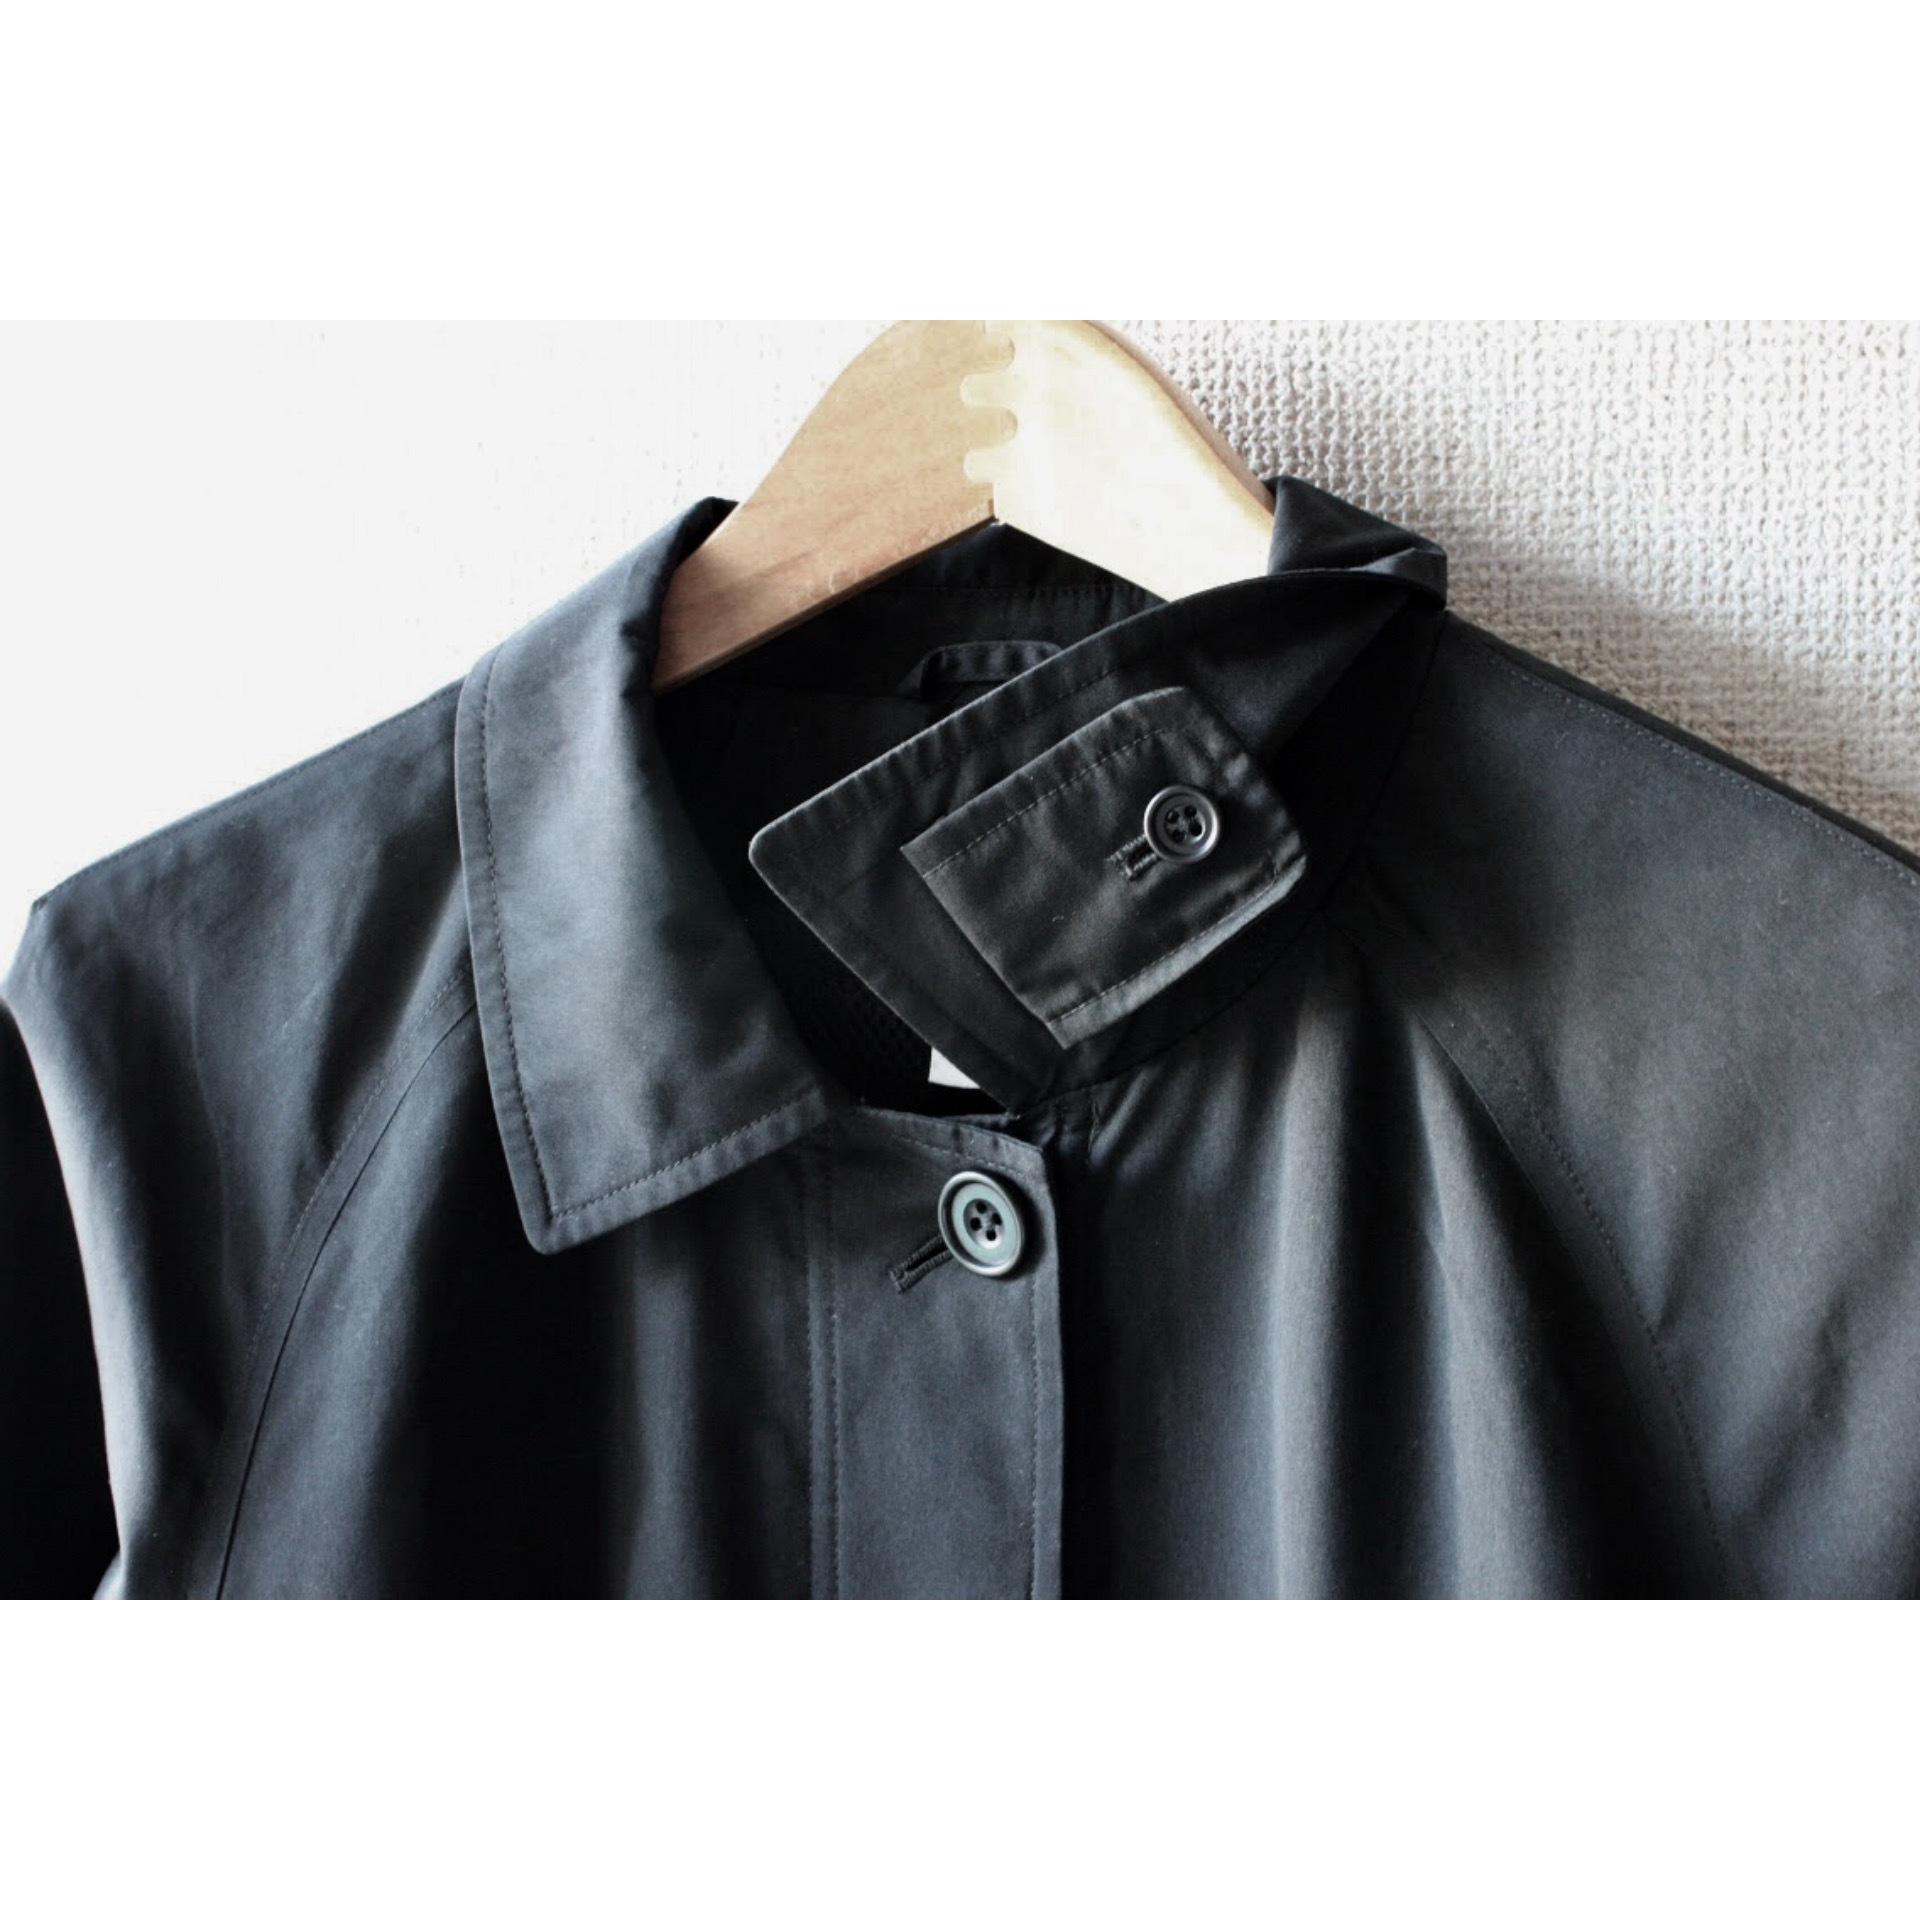 Vintage soutien collar coat by L.L.Bean